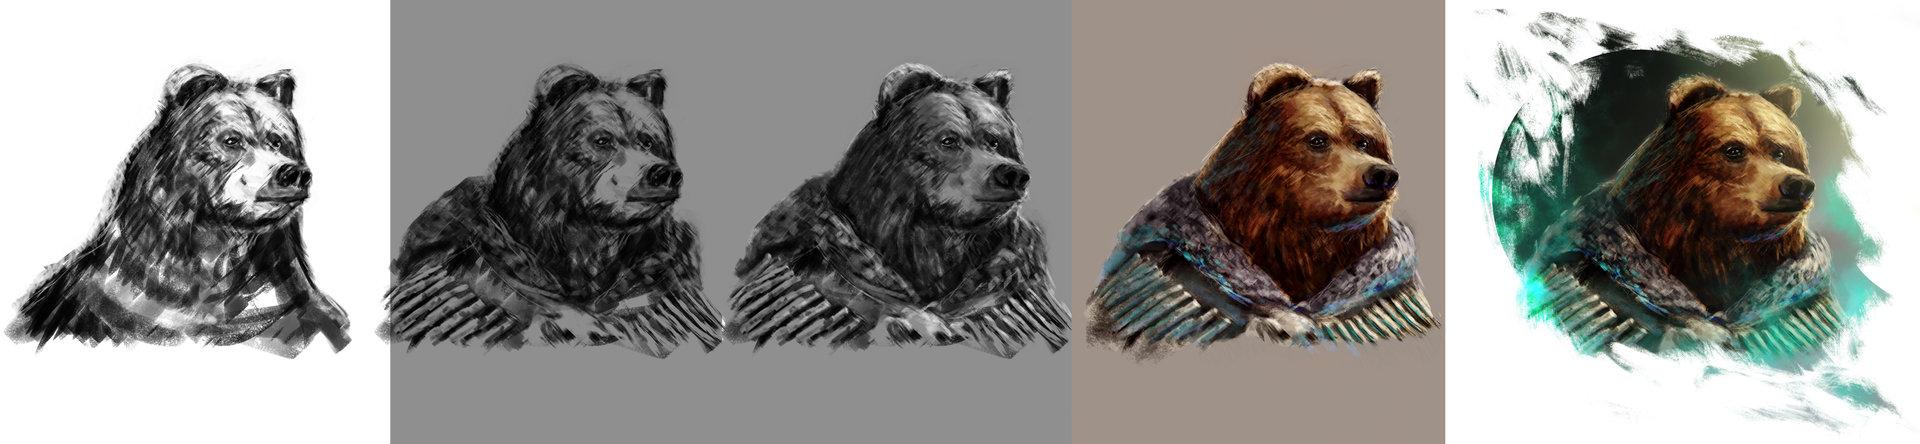 Konrad langa bear bone steps